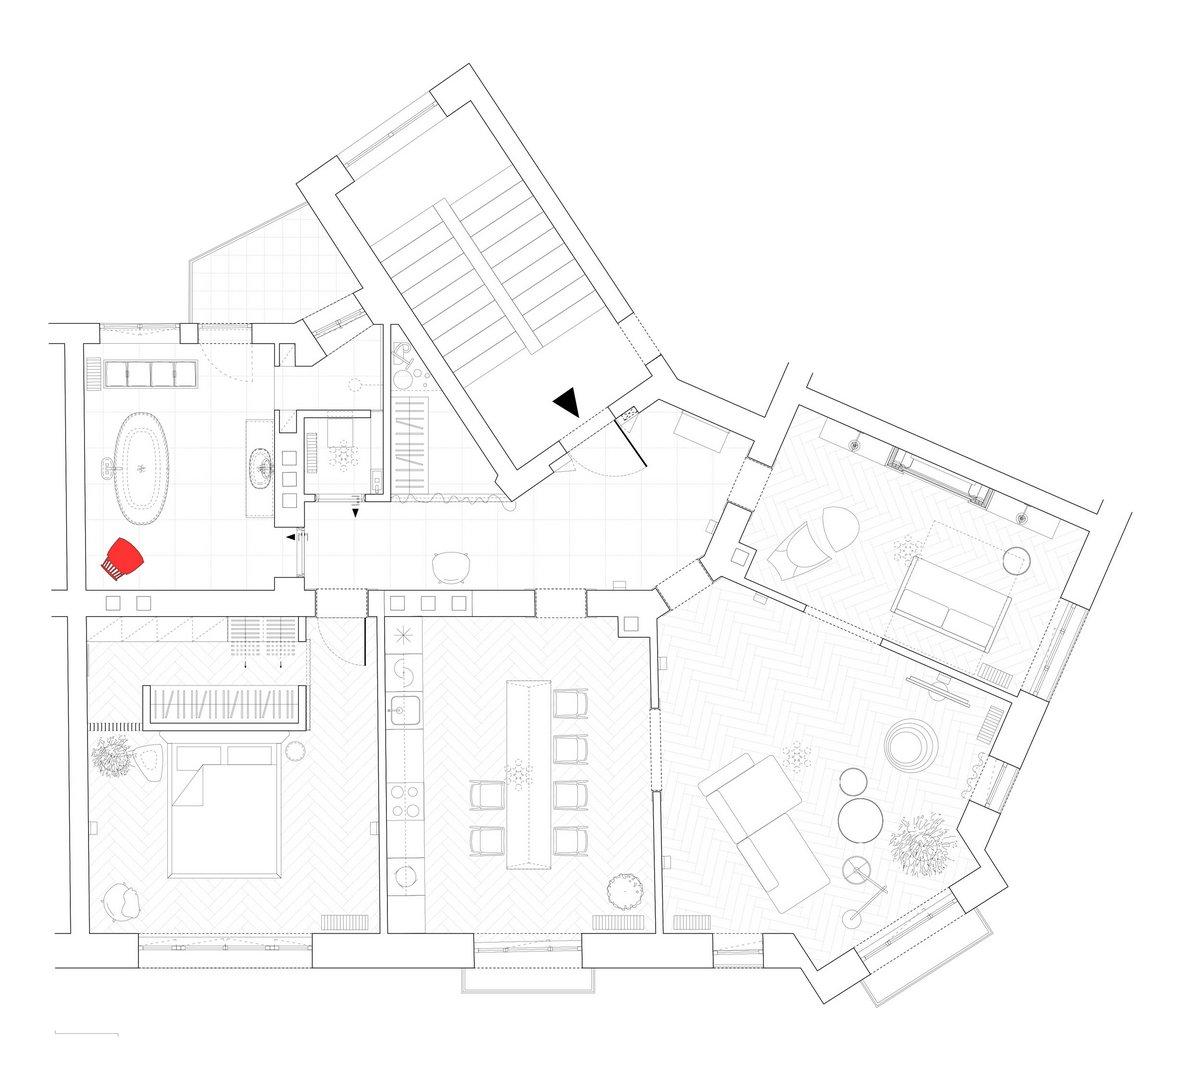 Strauss Apartment, YCL Studio, квартира в Страсбурге, оформление квартиры фото, светлый интерьер квартиры, паркет в квартире фото, оформление кухни фото